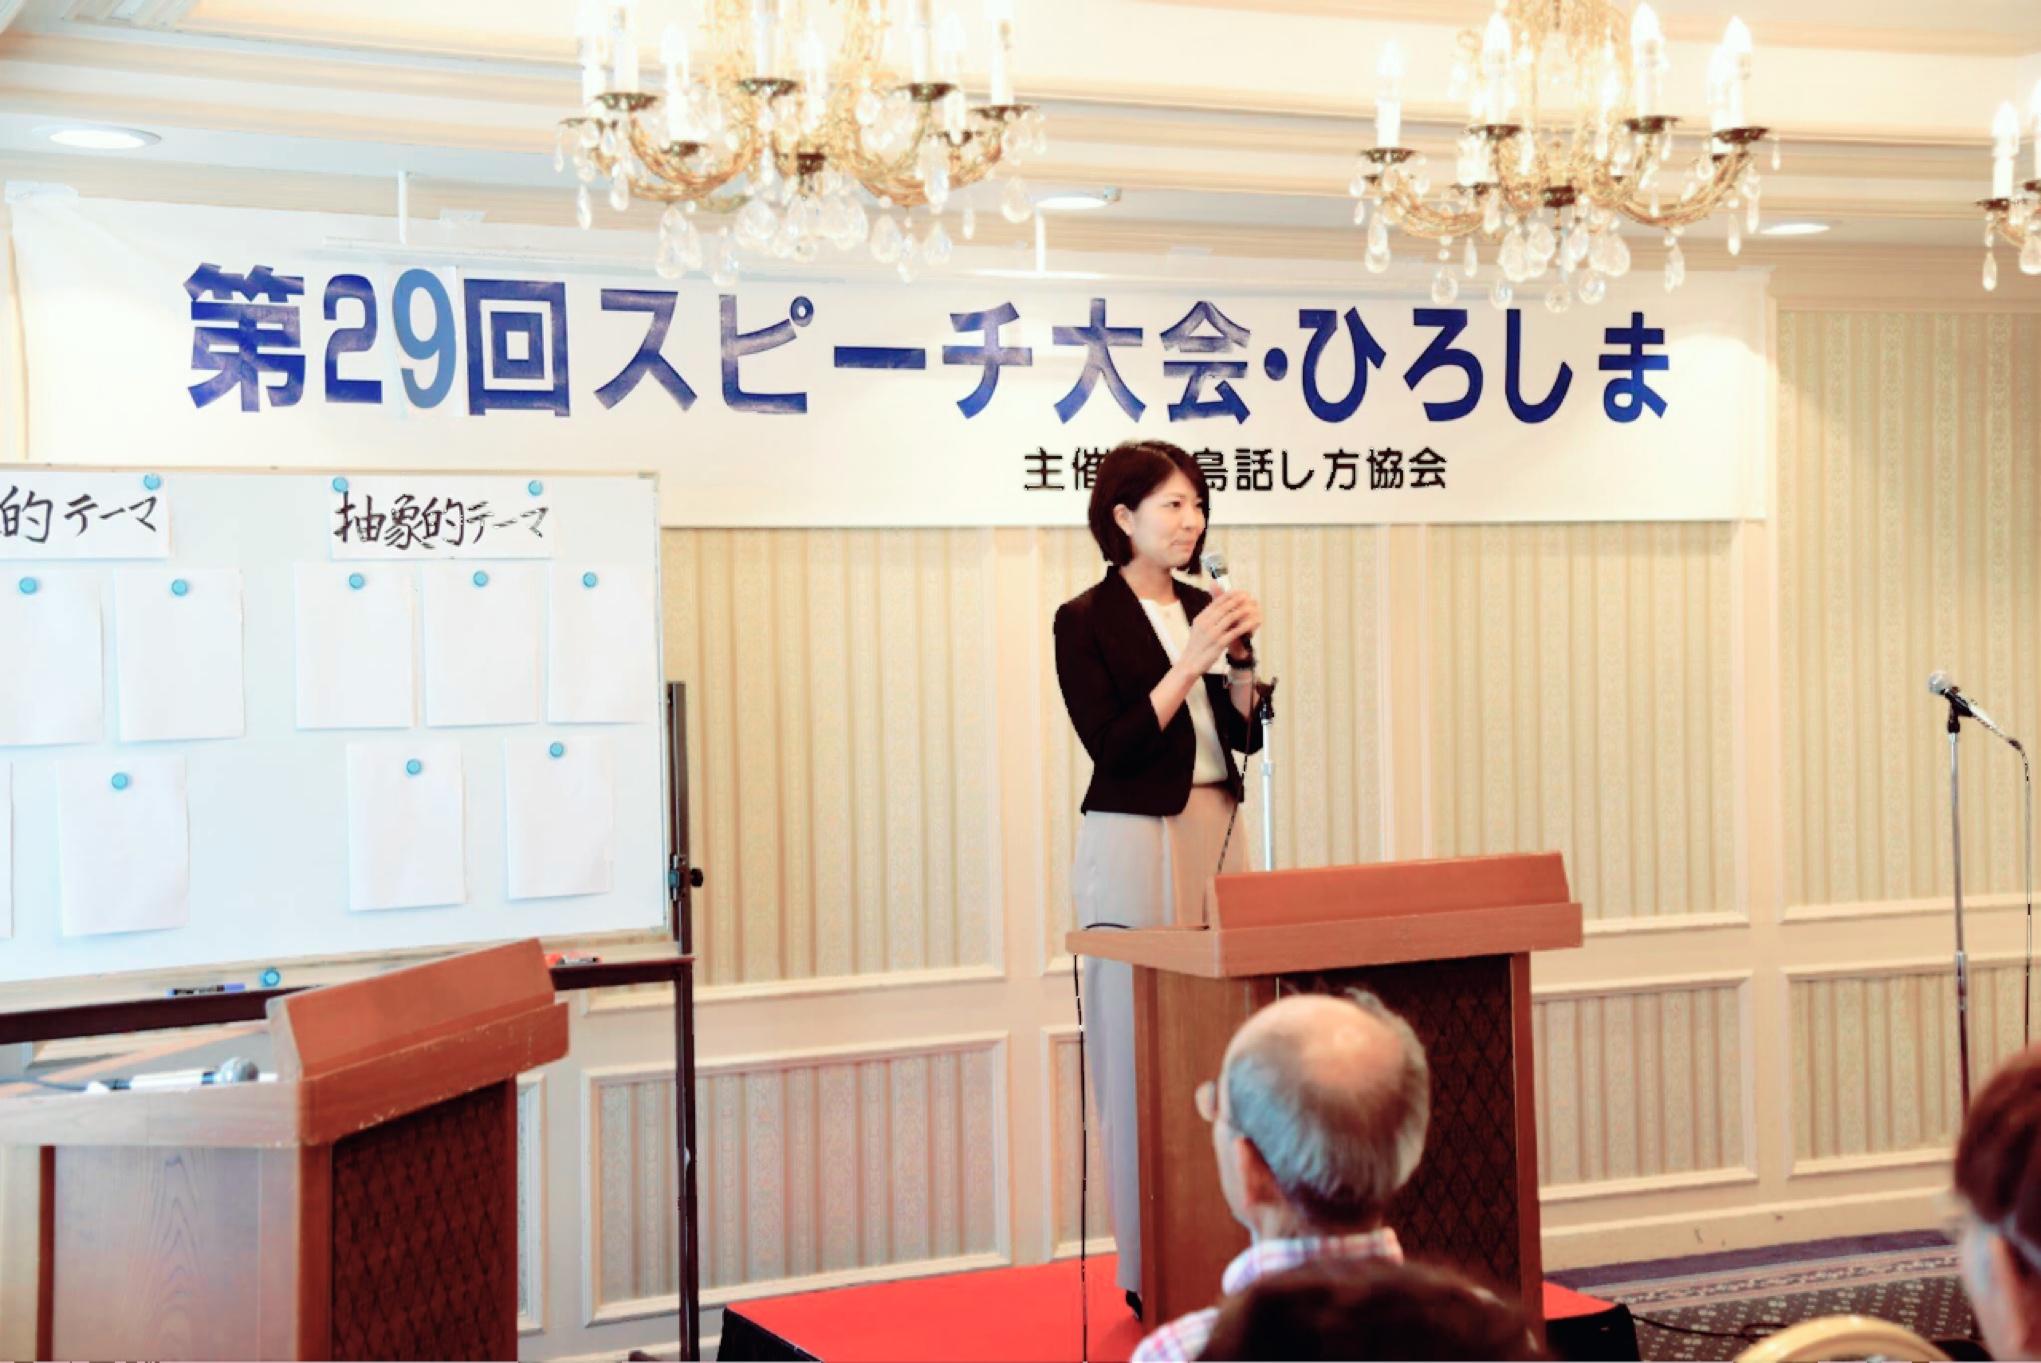 スピーチ大会・ひろしまにエントリーしました。